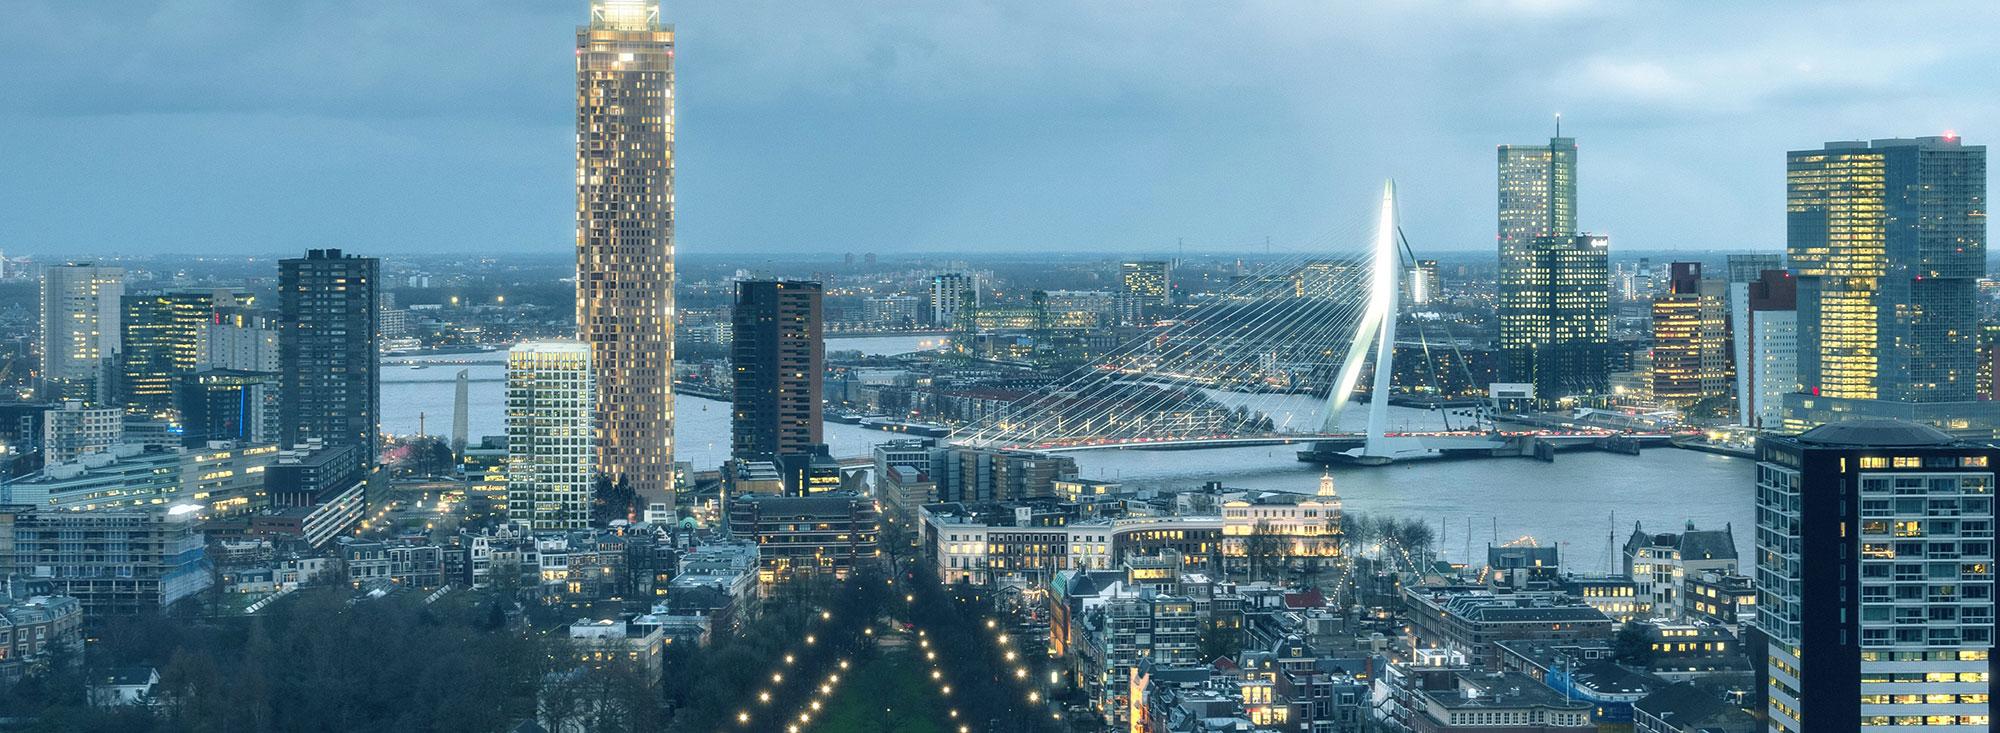 De zalmhaven in Rotterdam